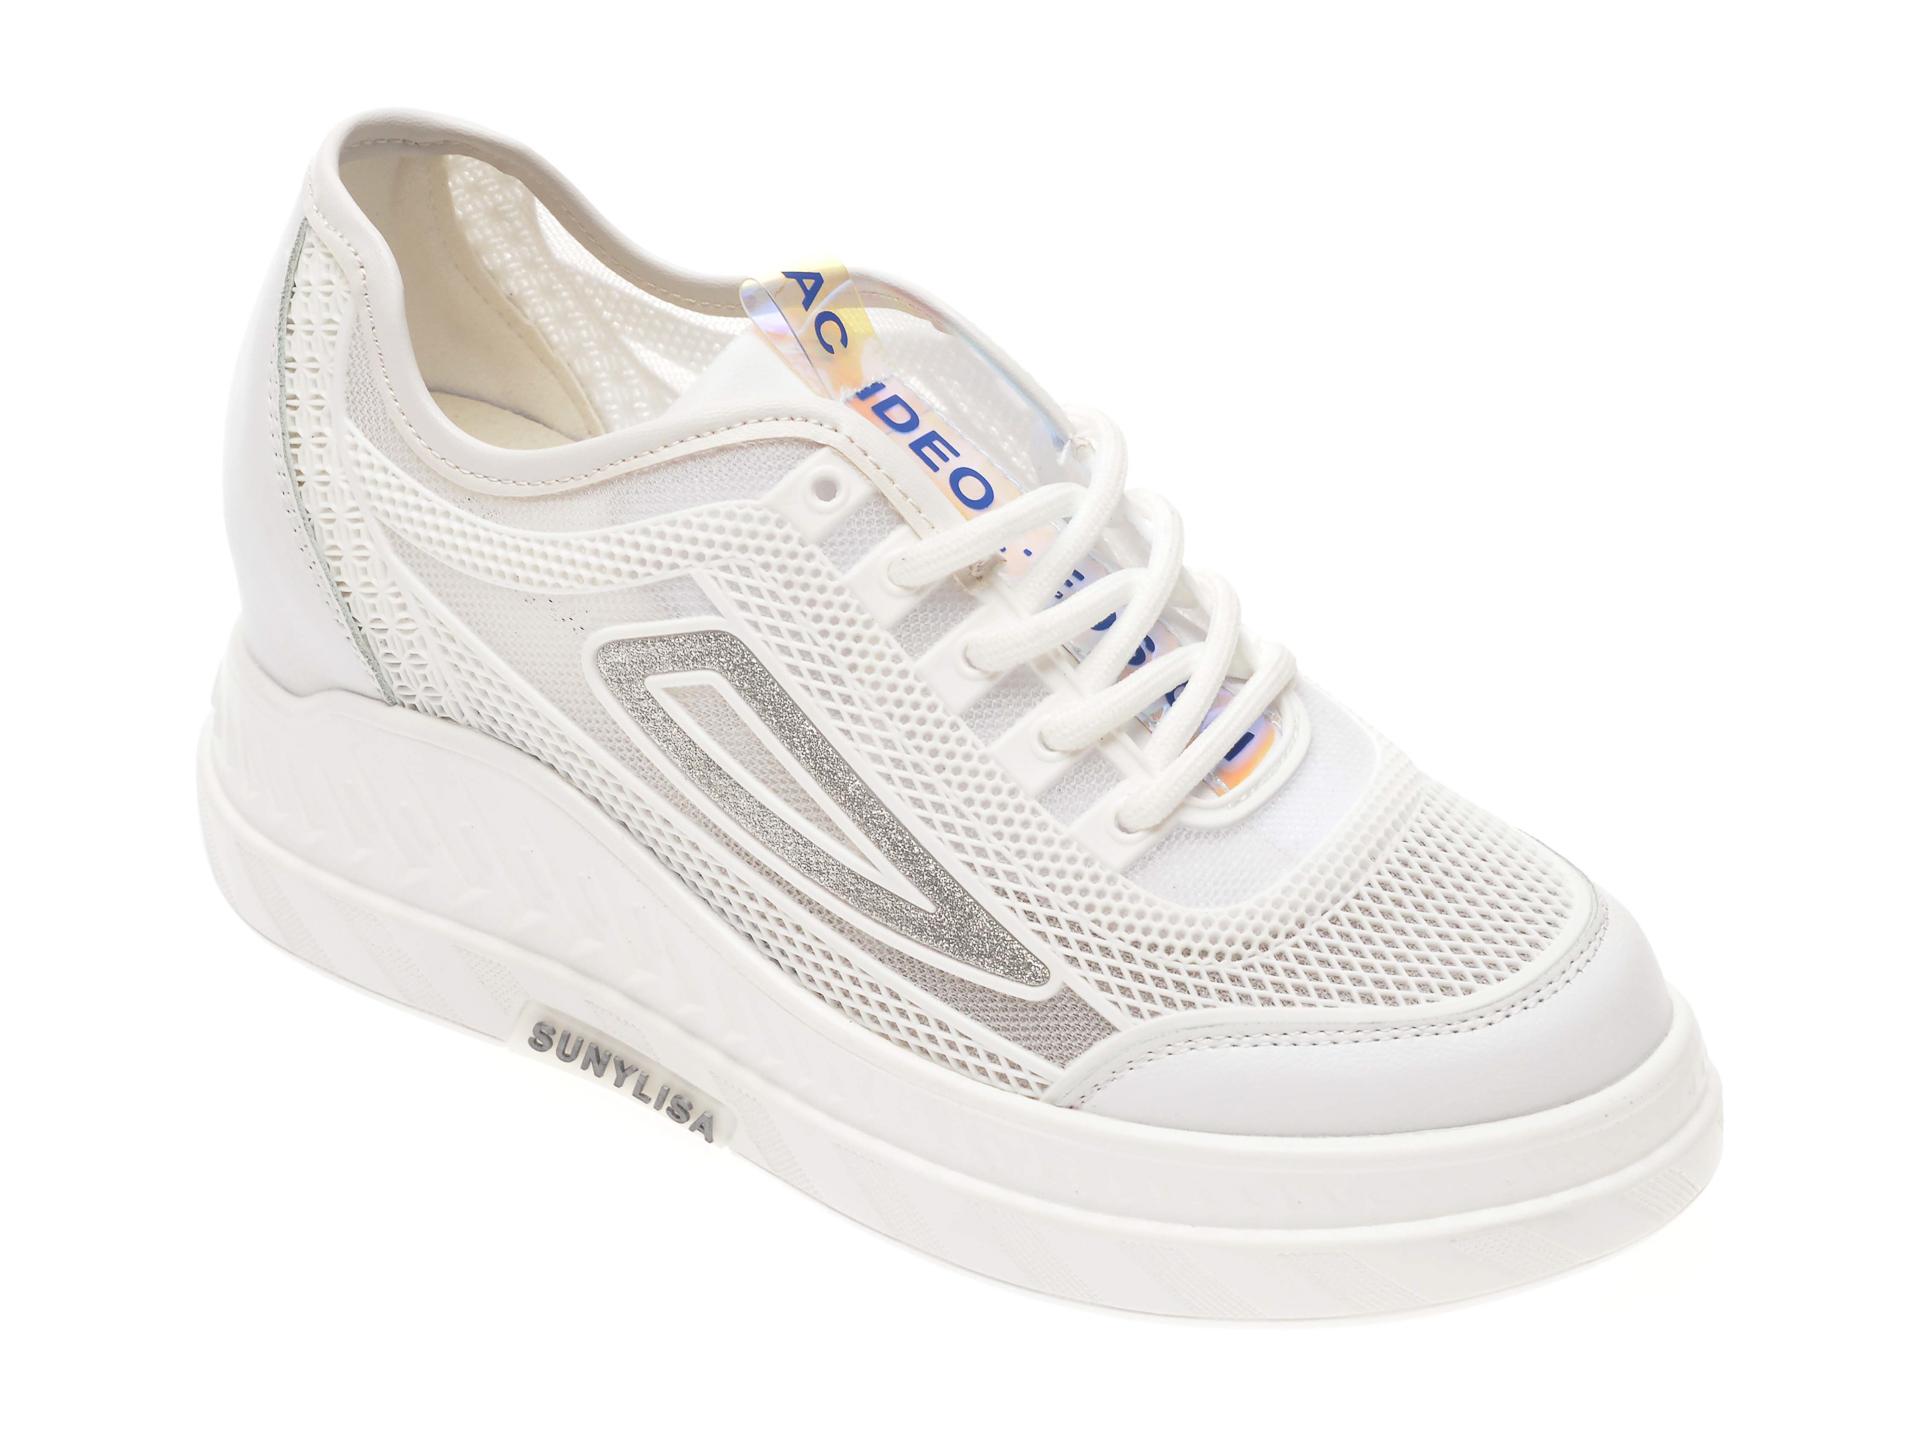 Pantofi FLAVIA PASSINI albi, 92200, din piele ecologica